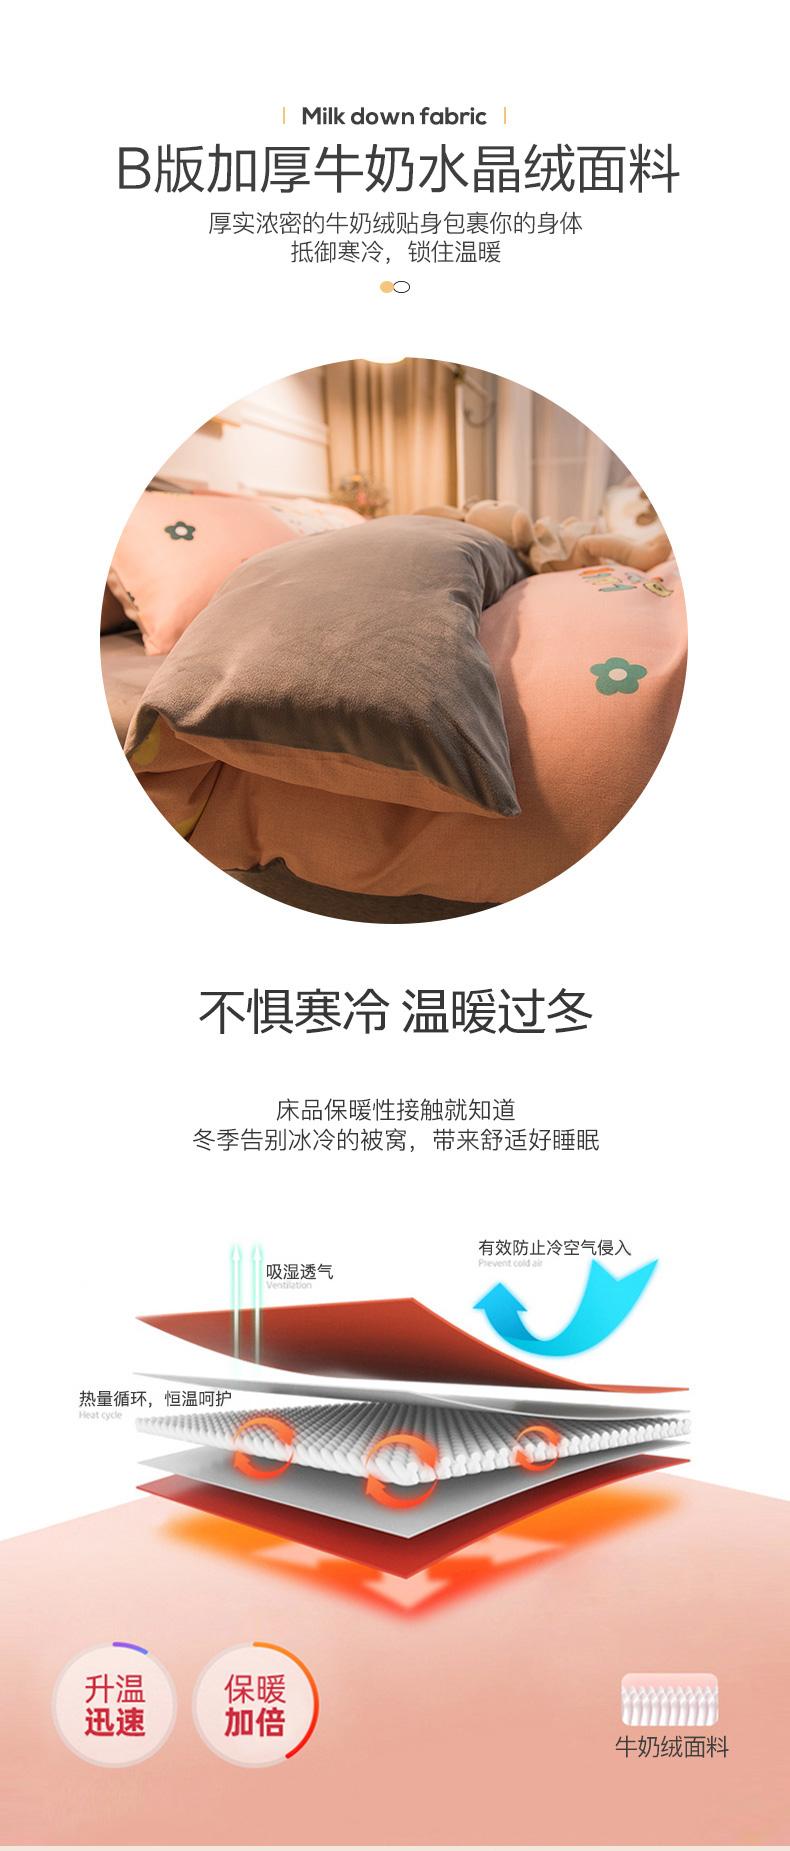 觉先生 牛奶珊瑚绒四件套 全尺寸同价 69元国庆价 买手党-买手聚集的地方